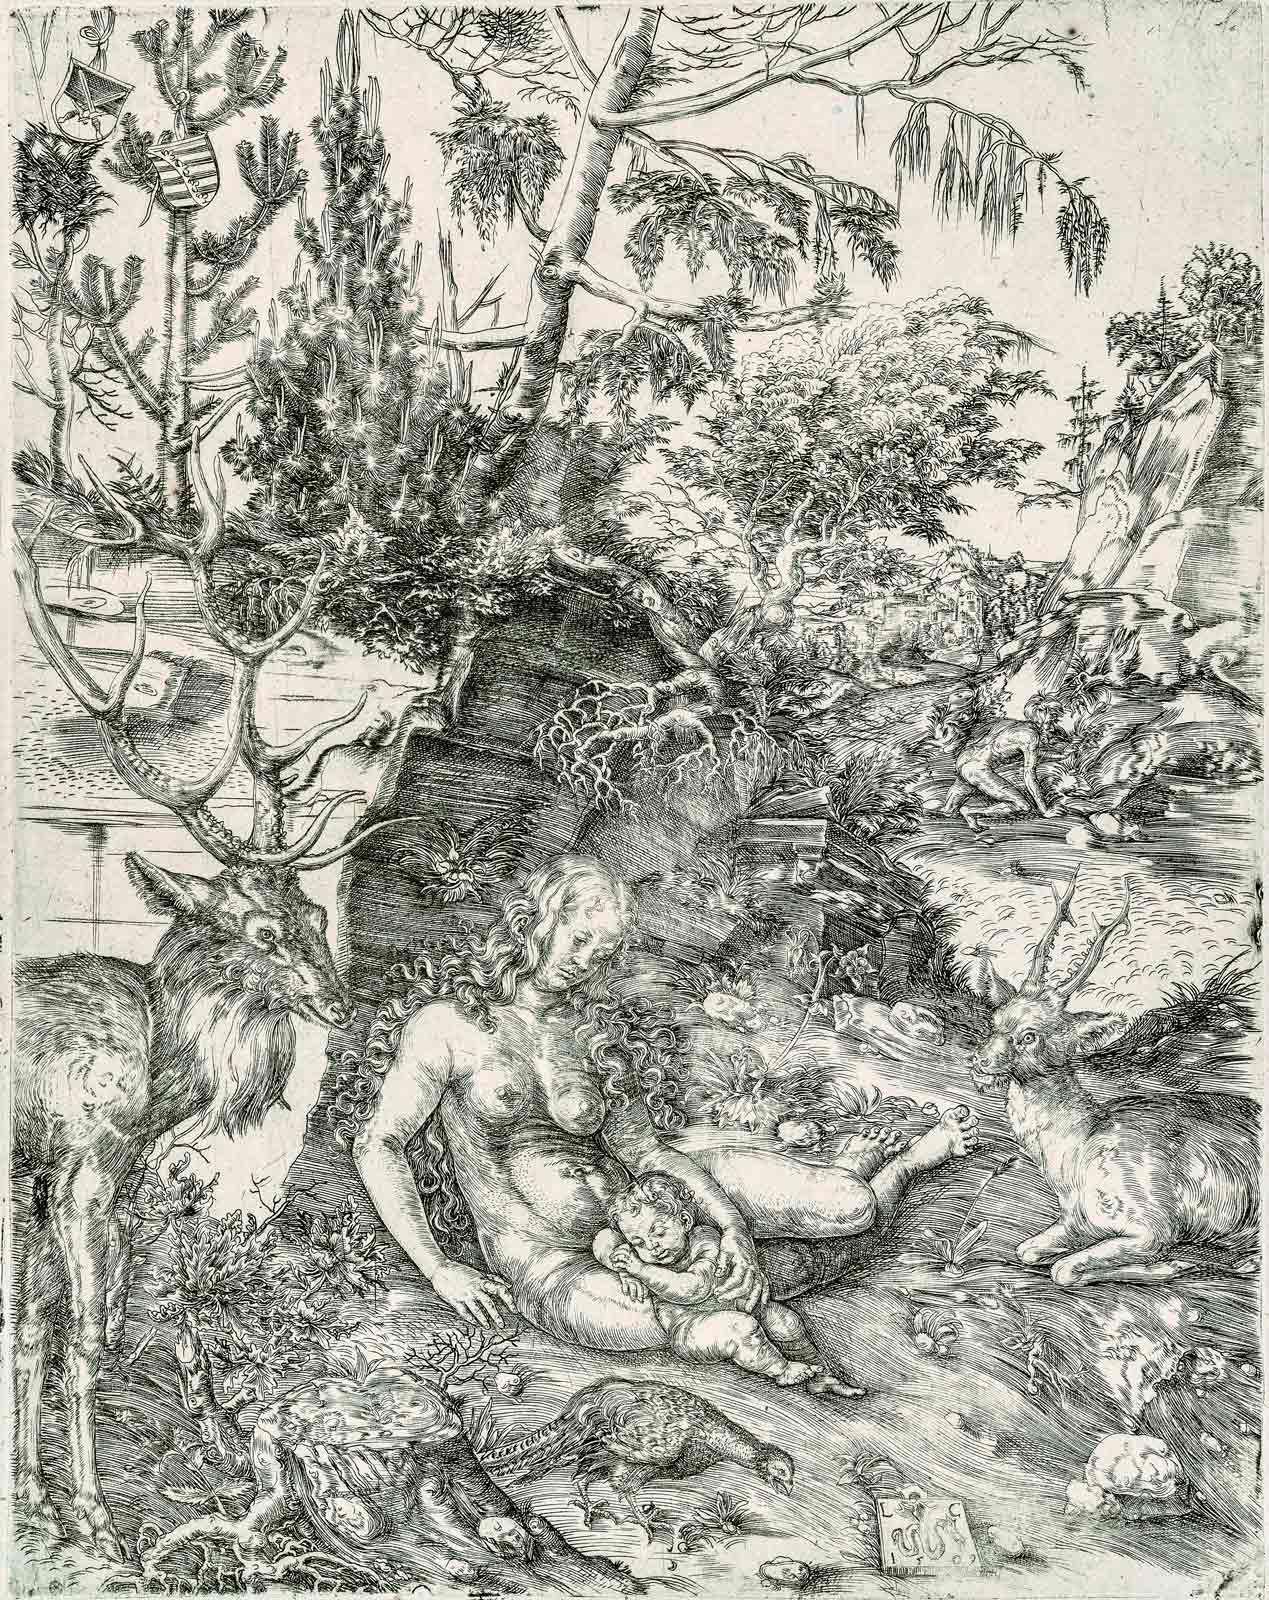 Lucas Cranach l'Ancien (1472-1553), La pénitence de saint Jean Chrysostome, 1509, burin, 2e état sur 2. MBAM, achat, fonds Dr Sean B. Murphy